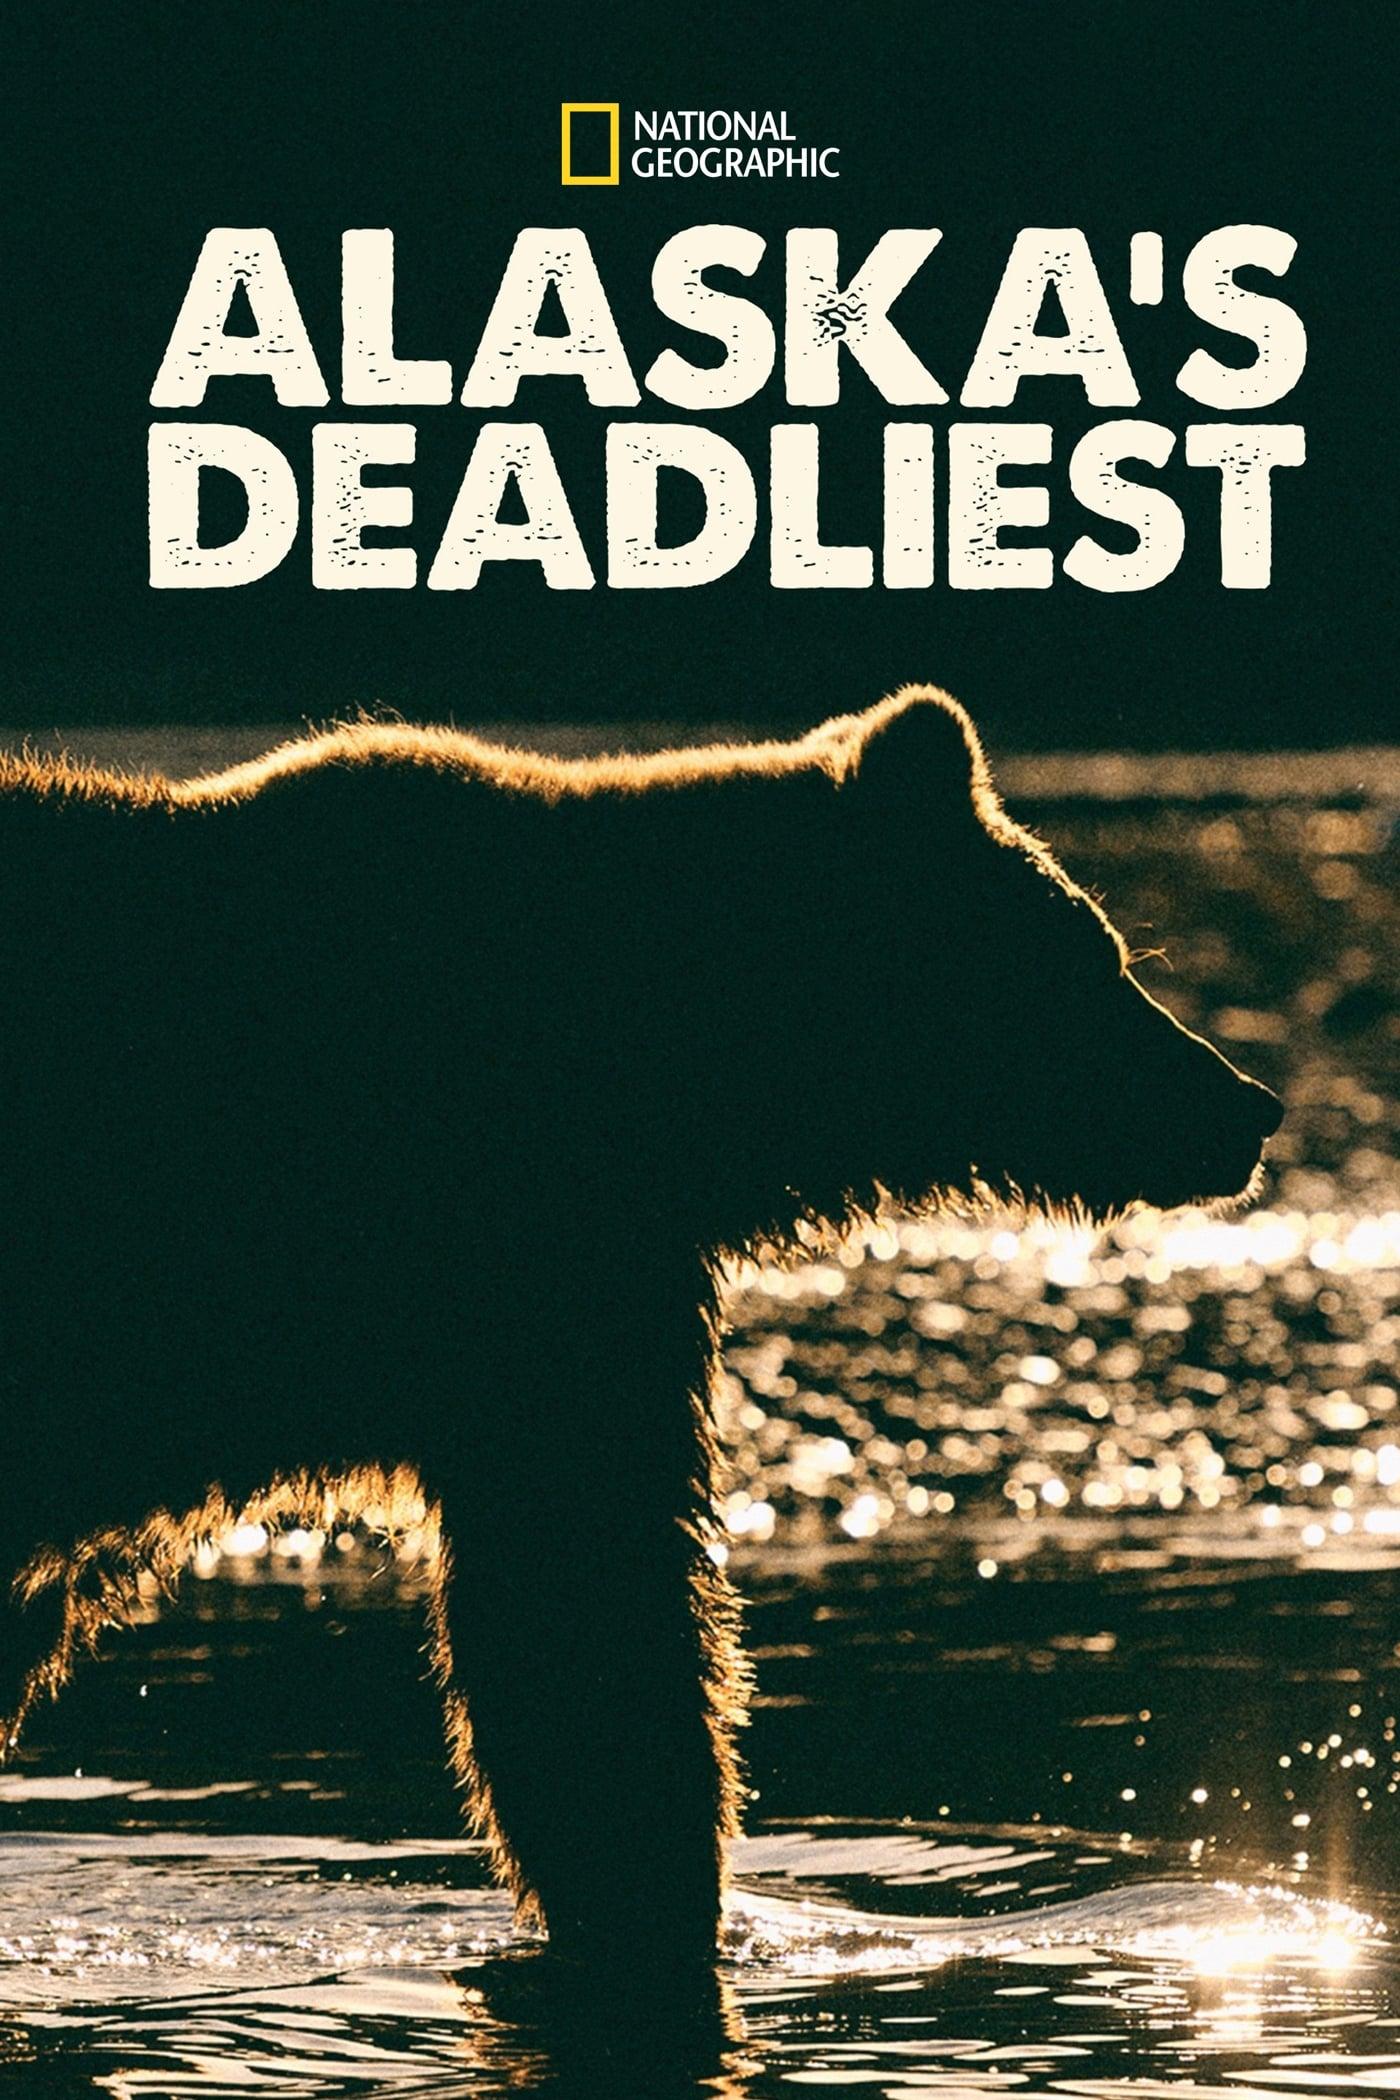 Alaska's Deadliest